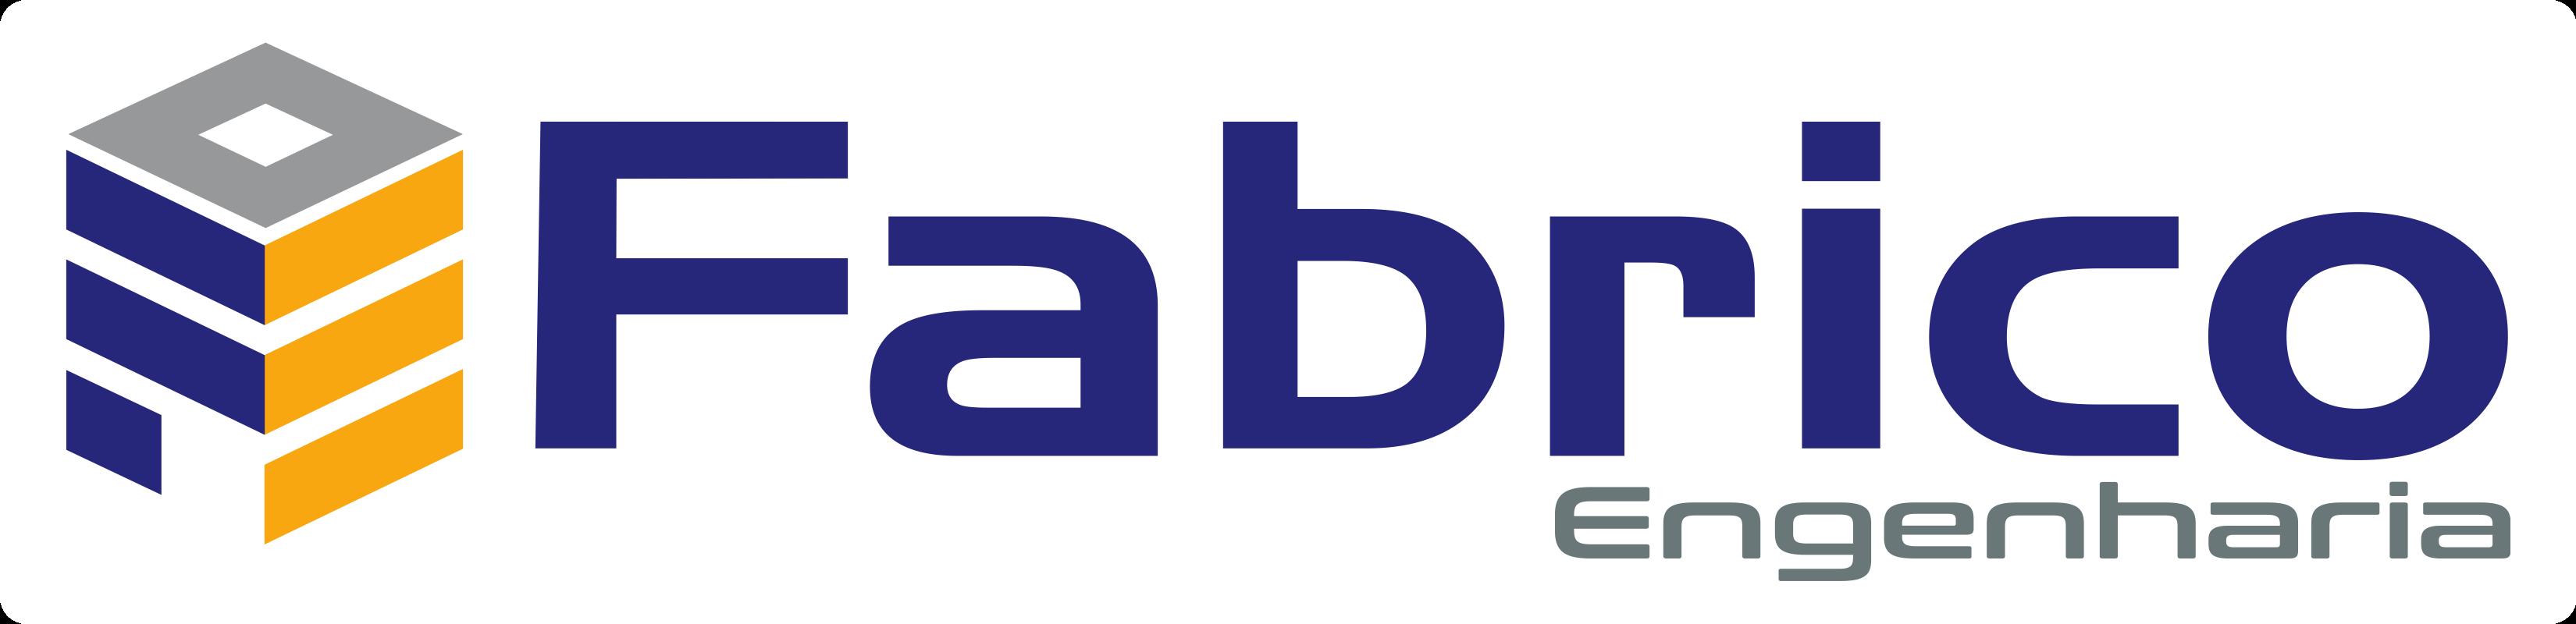 http://fabricoengenharia.com.br/wp-content/uploads/2017/06/fabrico-engenharia.png